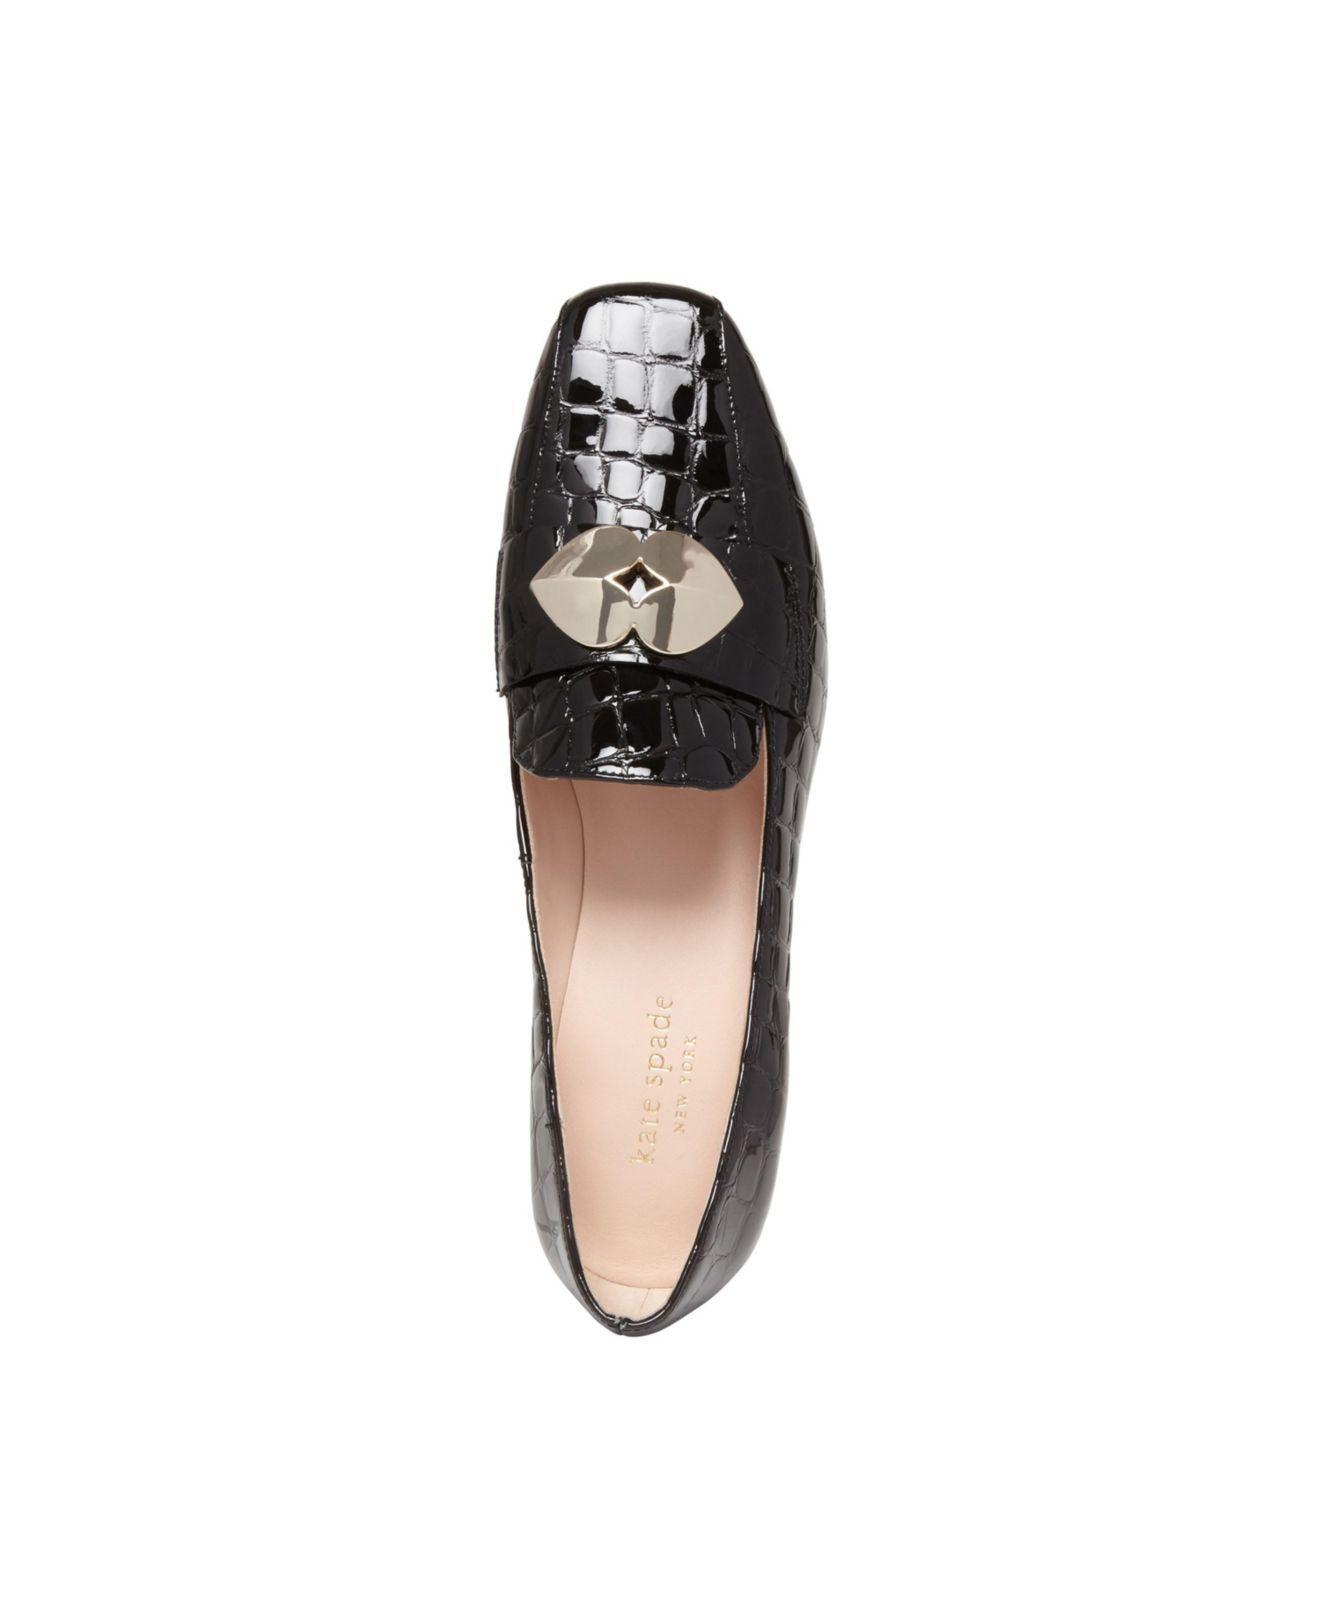 Kate Spade Leather Jadena Dress Shoes